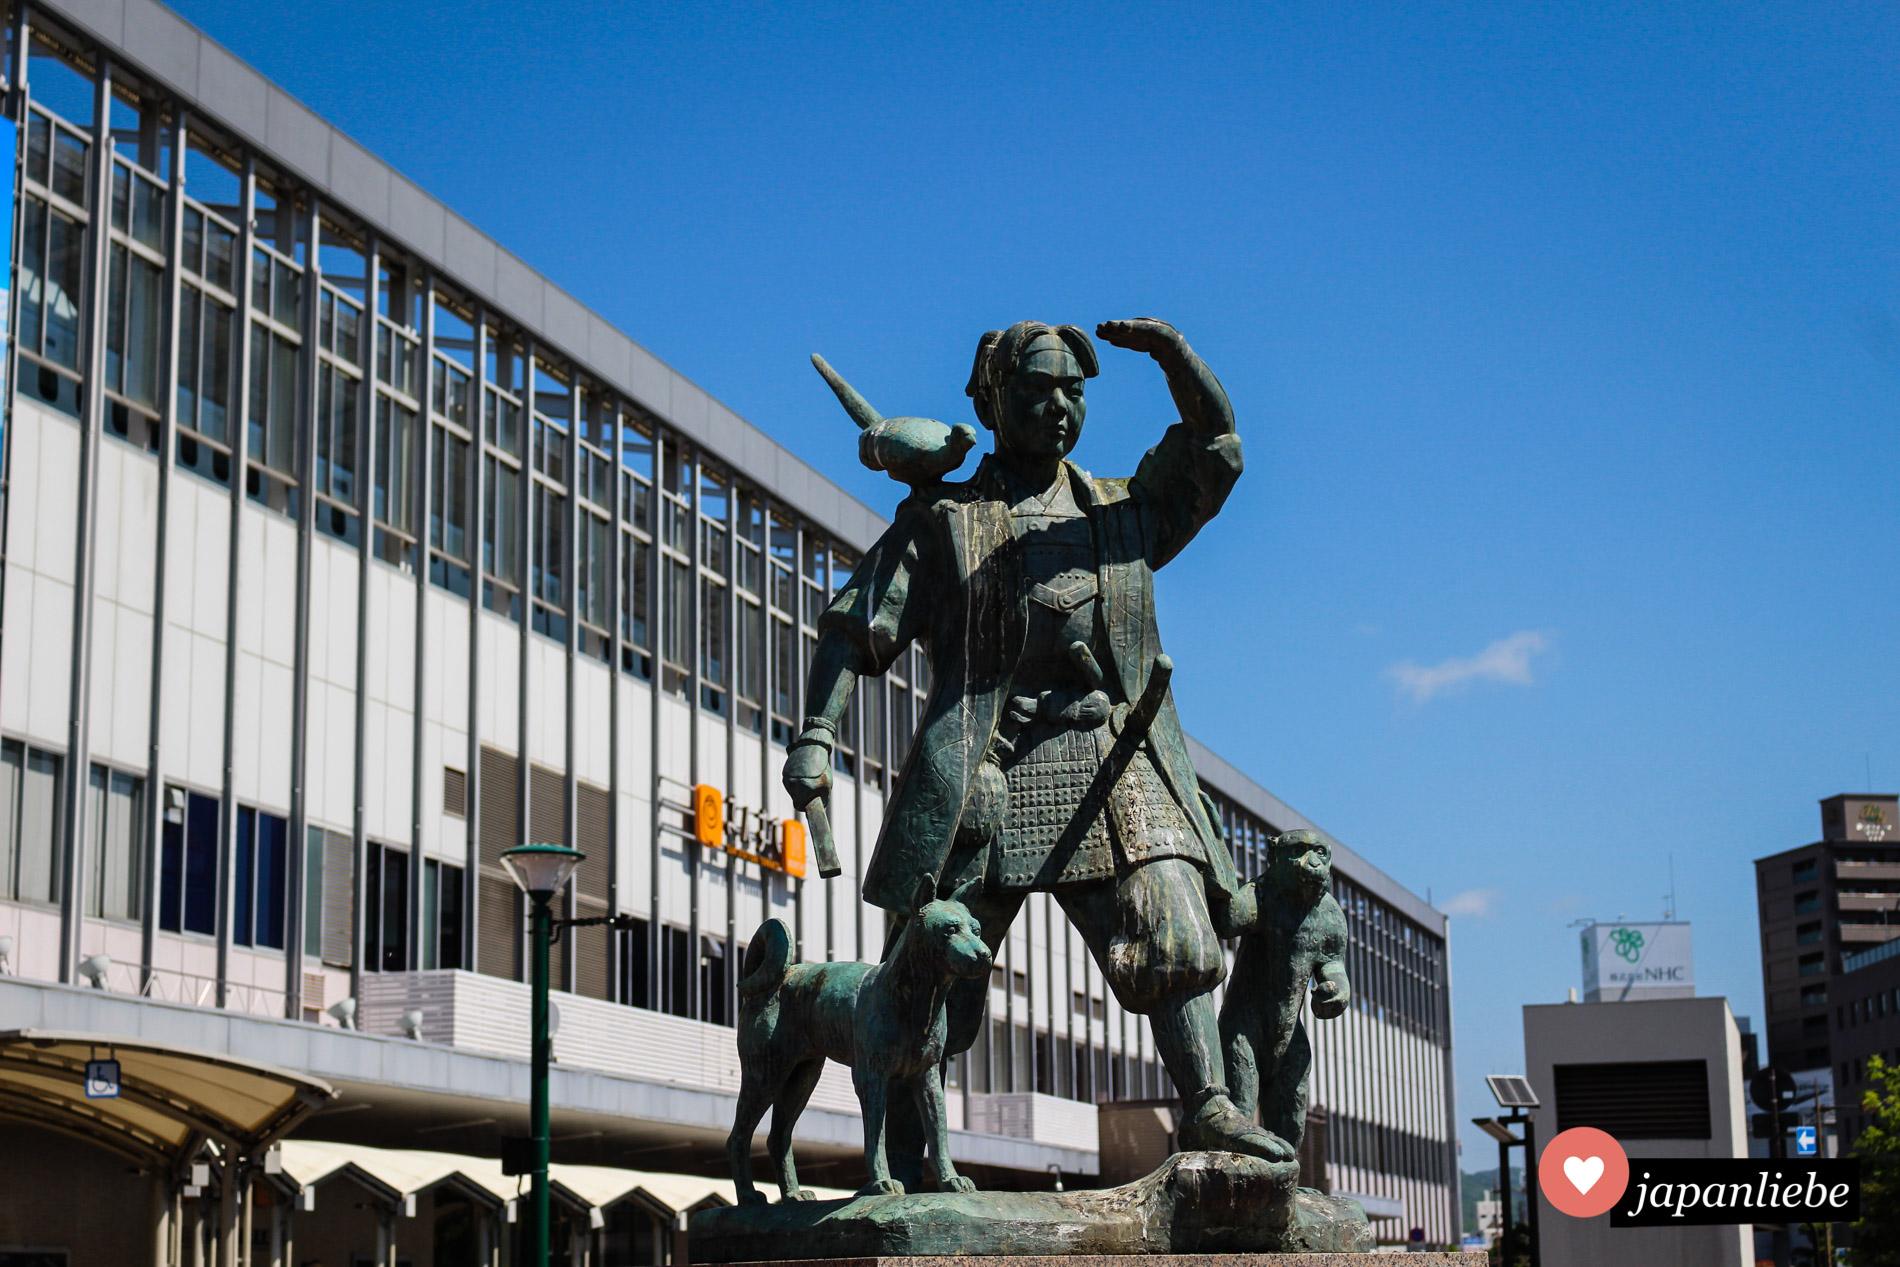 Schon am Bahnhof von Okayama wird man von einer Statue begrüßt, welche die Helden aus dem Märchen Momotarō zeigt.